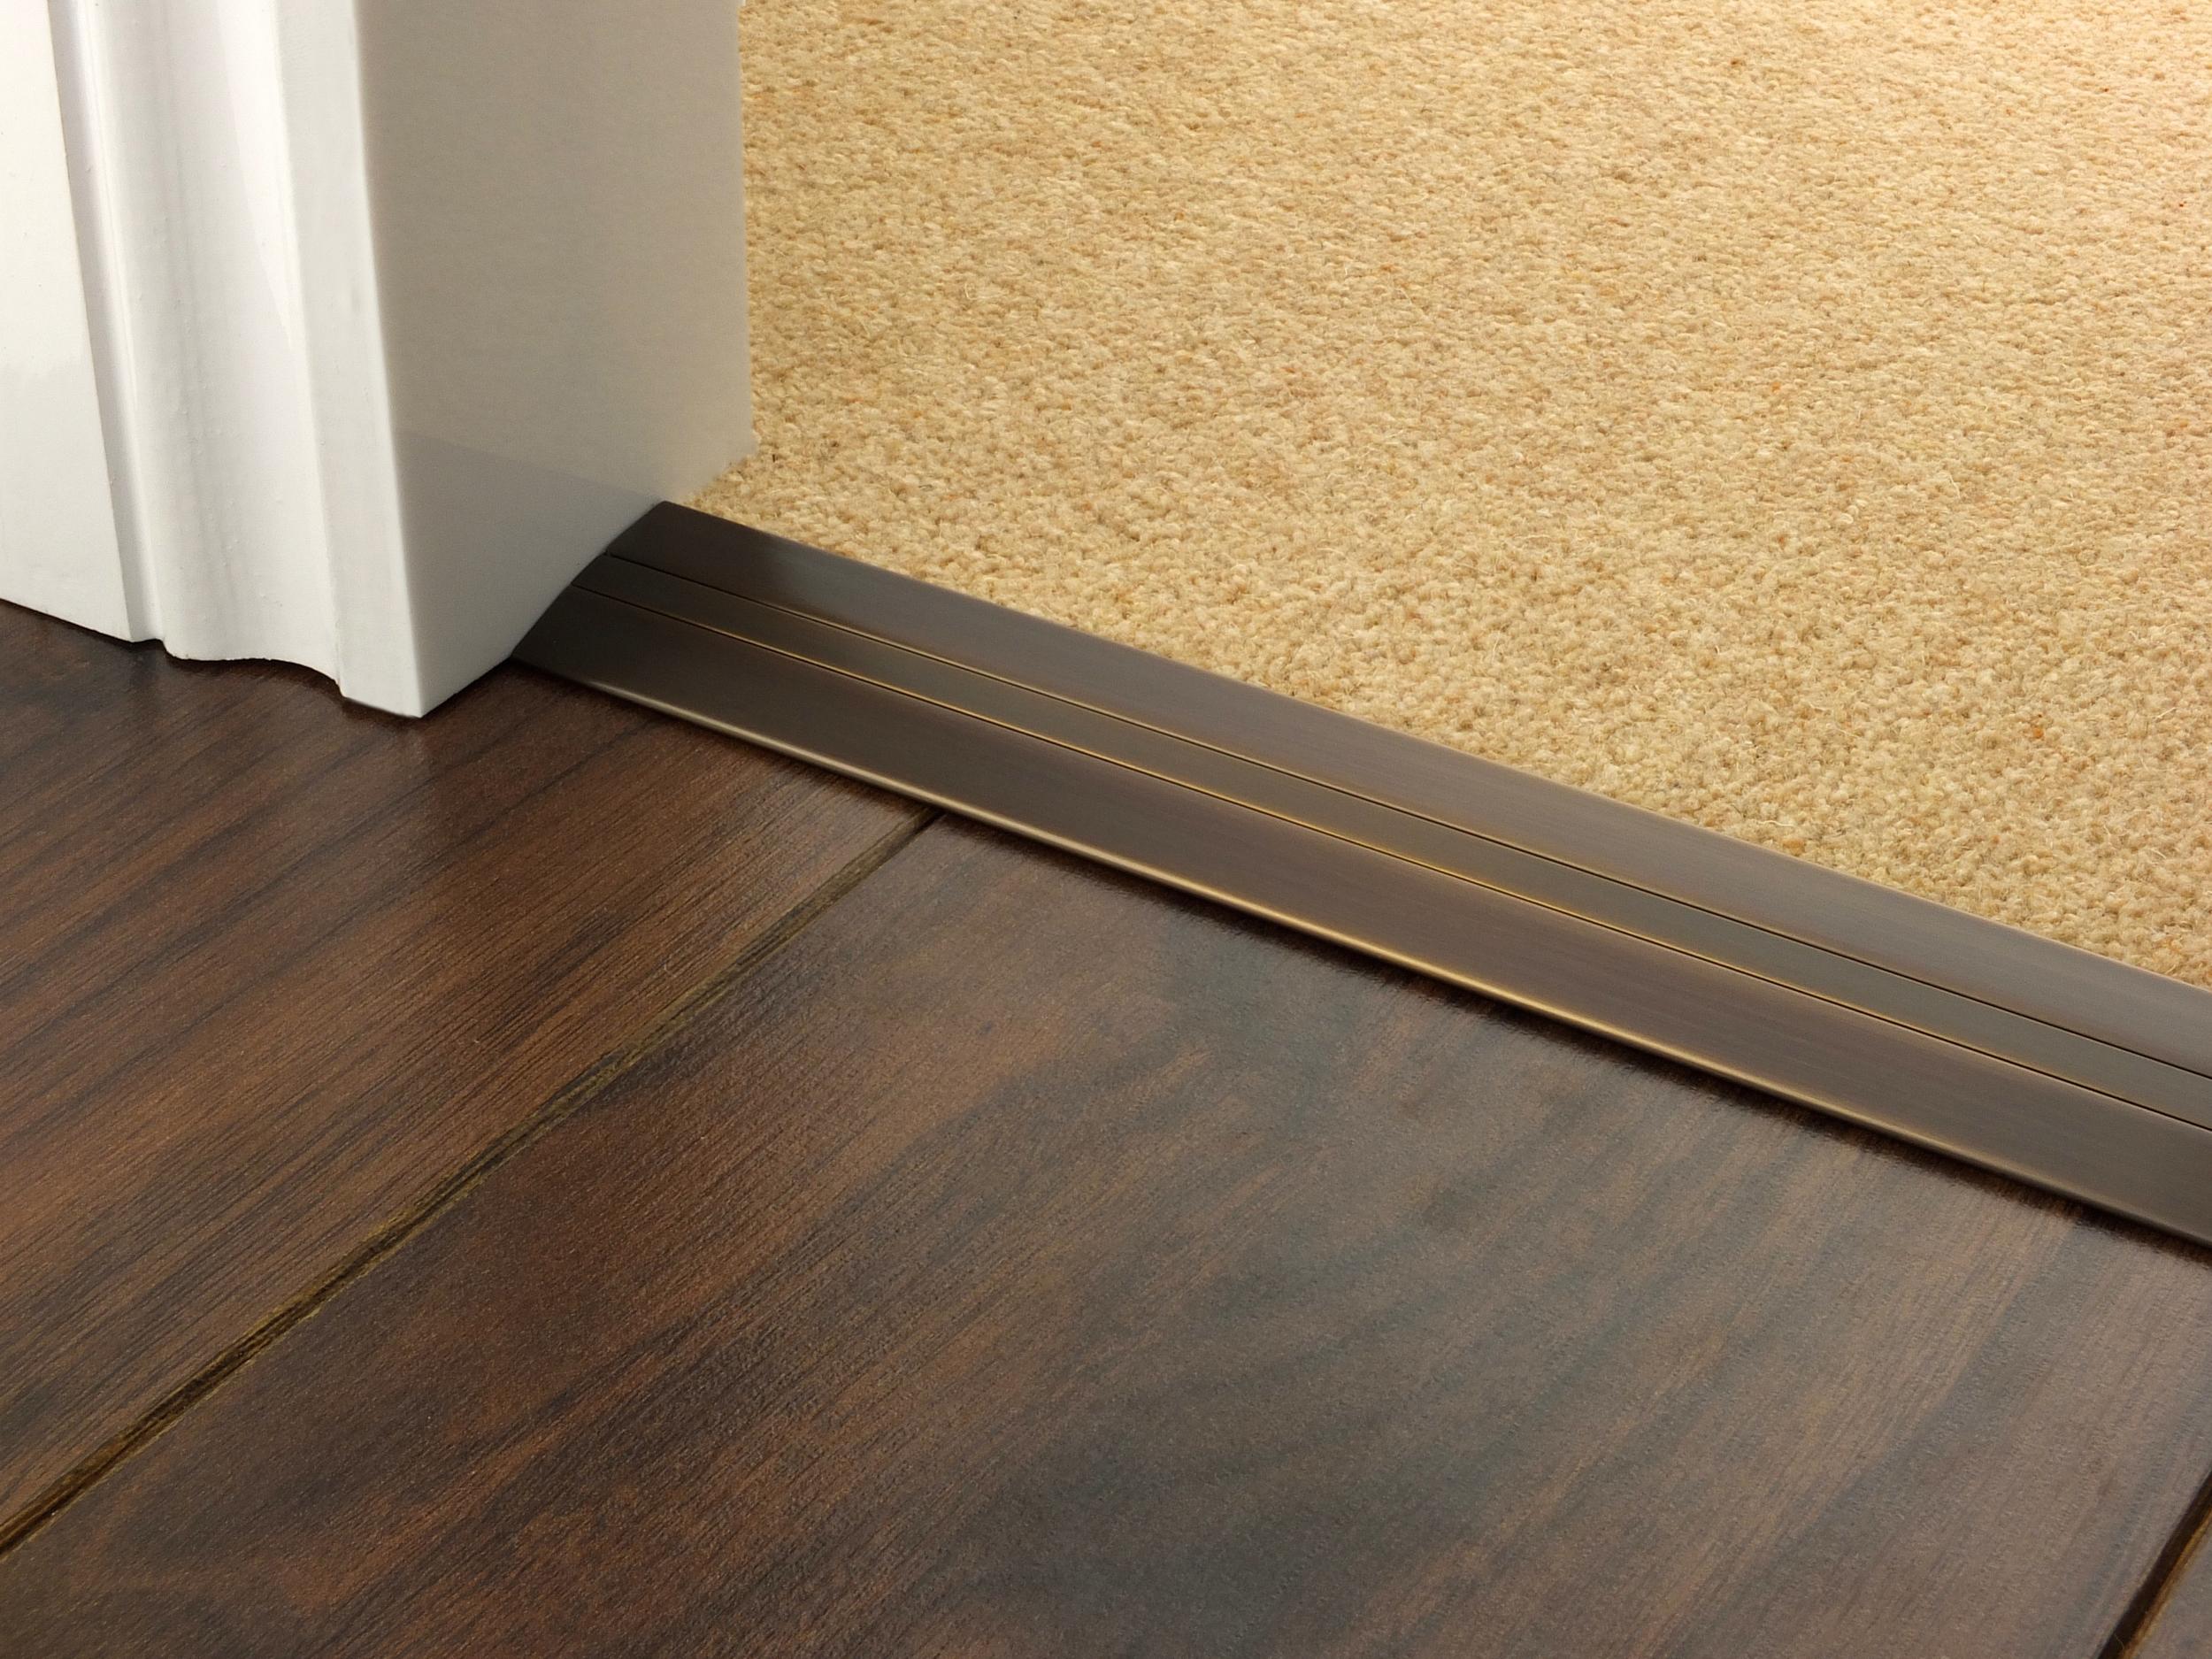 door_bar_antique_bronze_posh_38_carpet_laminate.jpg